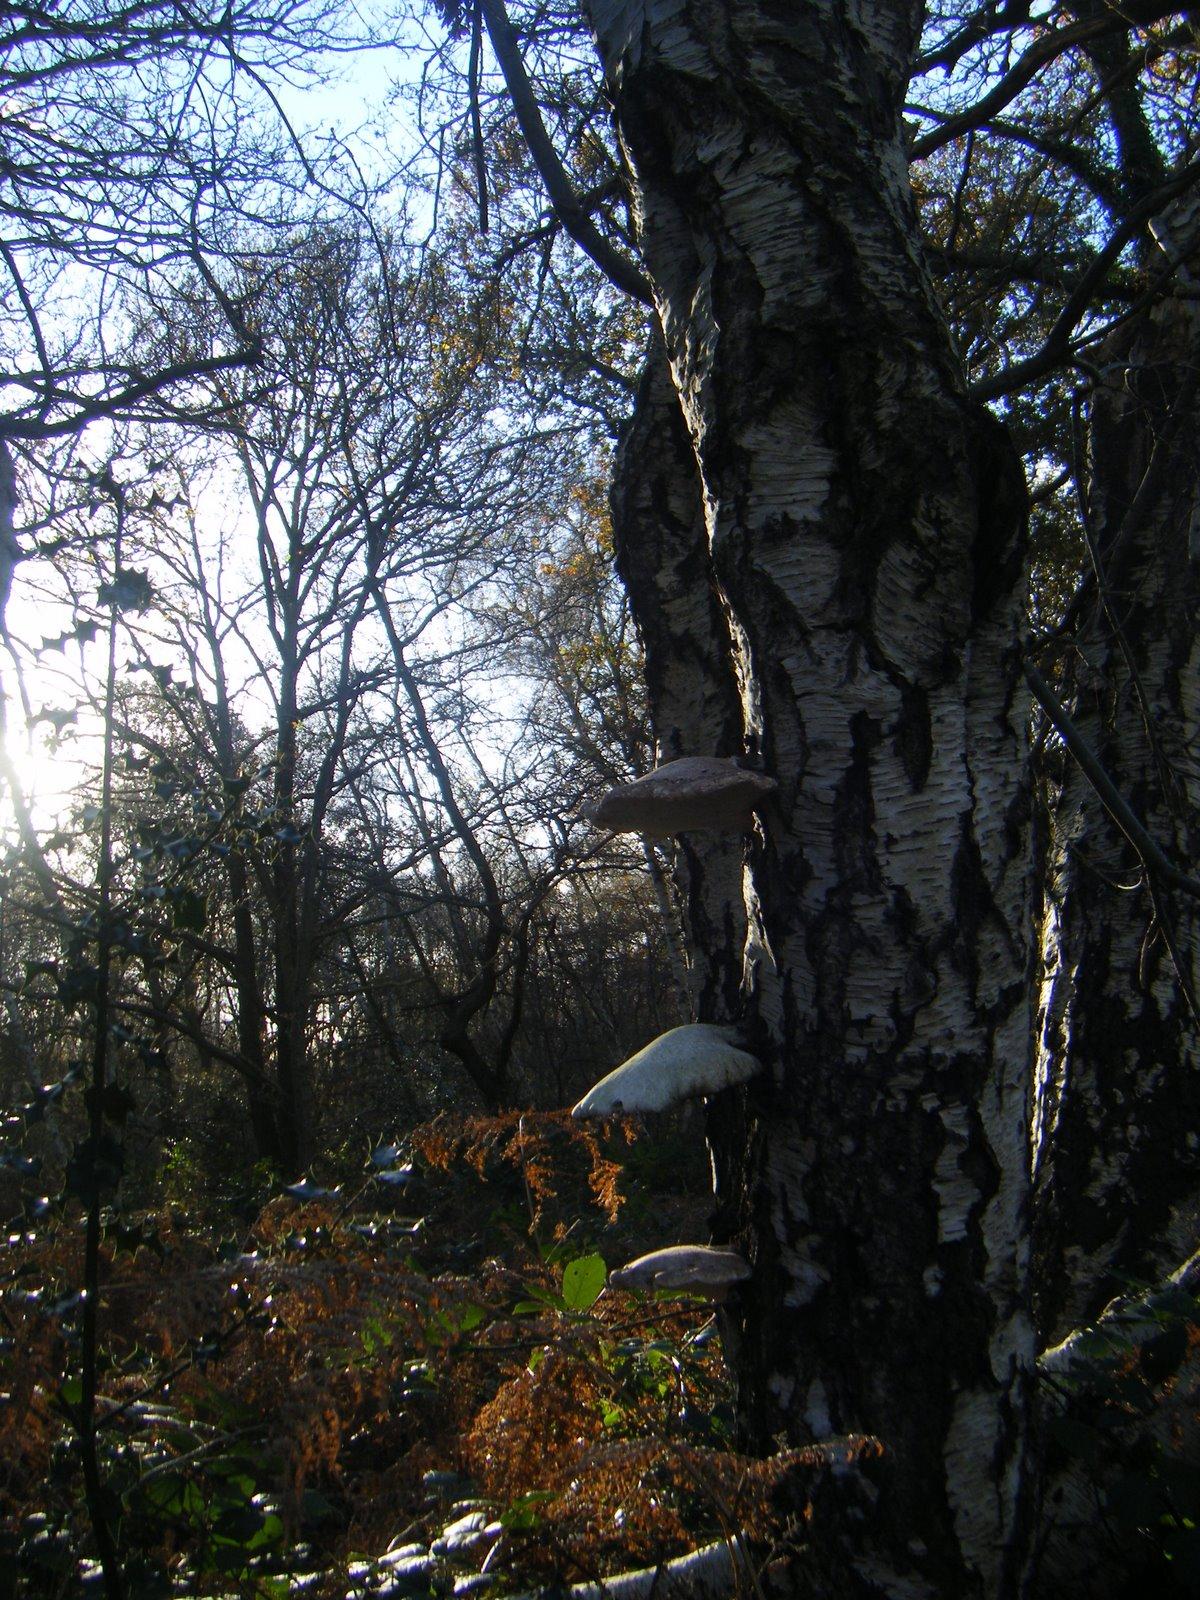 DSCF1521 Fungus on a tree